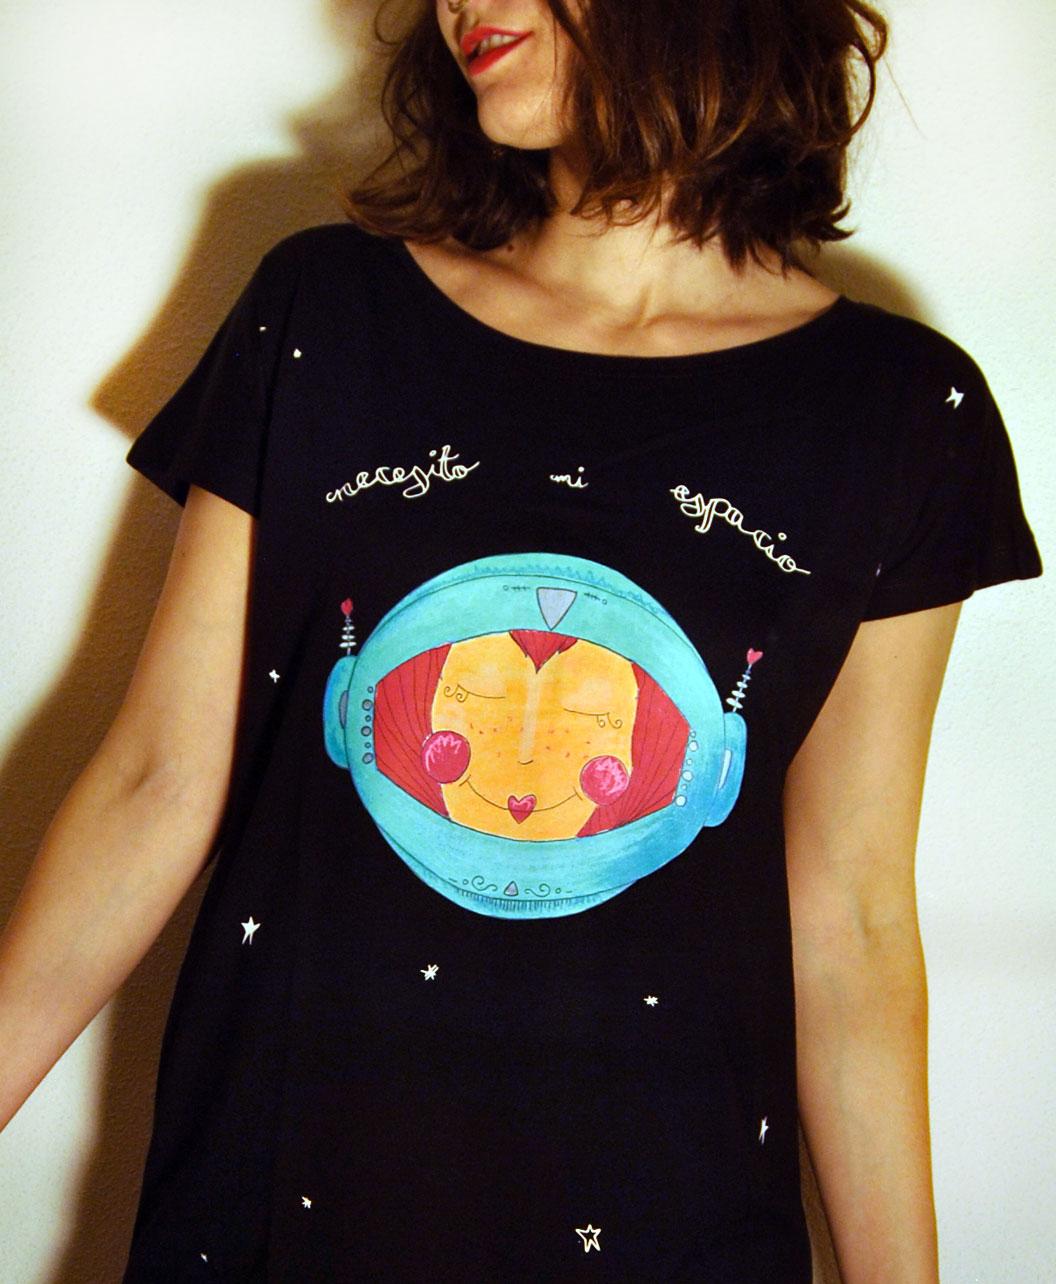 tunica vestido mujer algodon organico diseno original diferente divertido cosmonauta necesito mi espacio